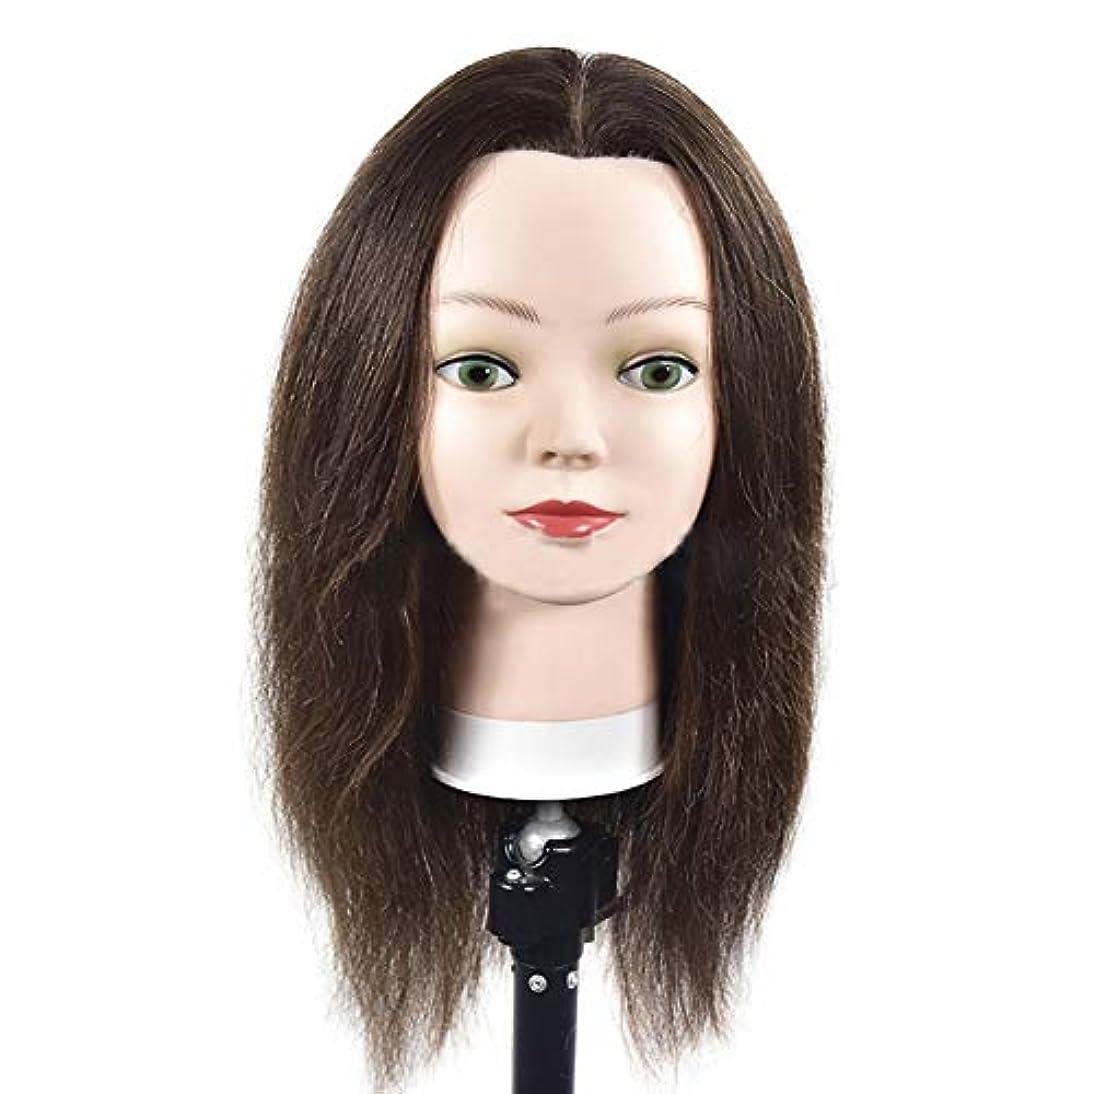 タール長椅子改革サロン髪編組理髪指導ヘッドスタイリング散髪ダミーヘッド化粧学習マネキンヘッド